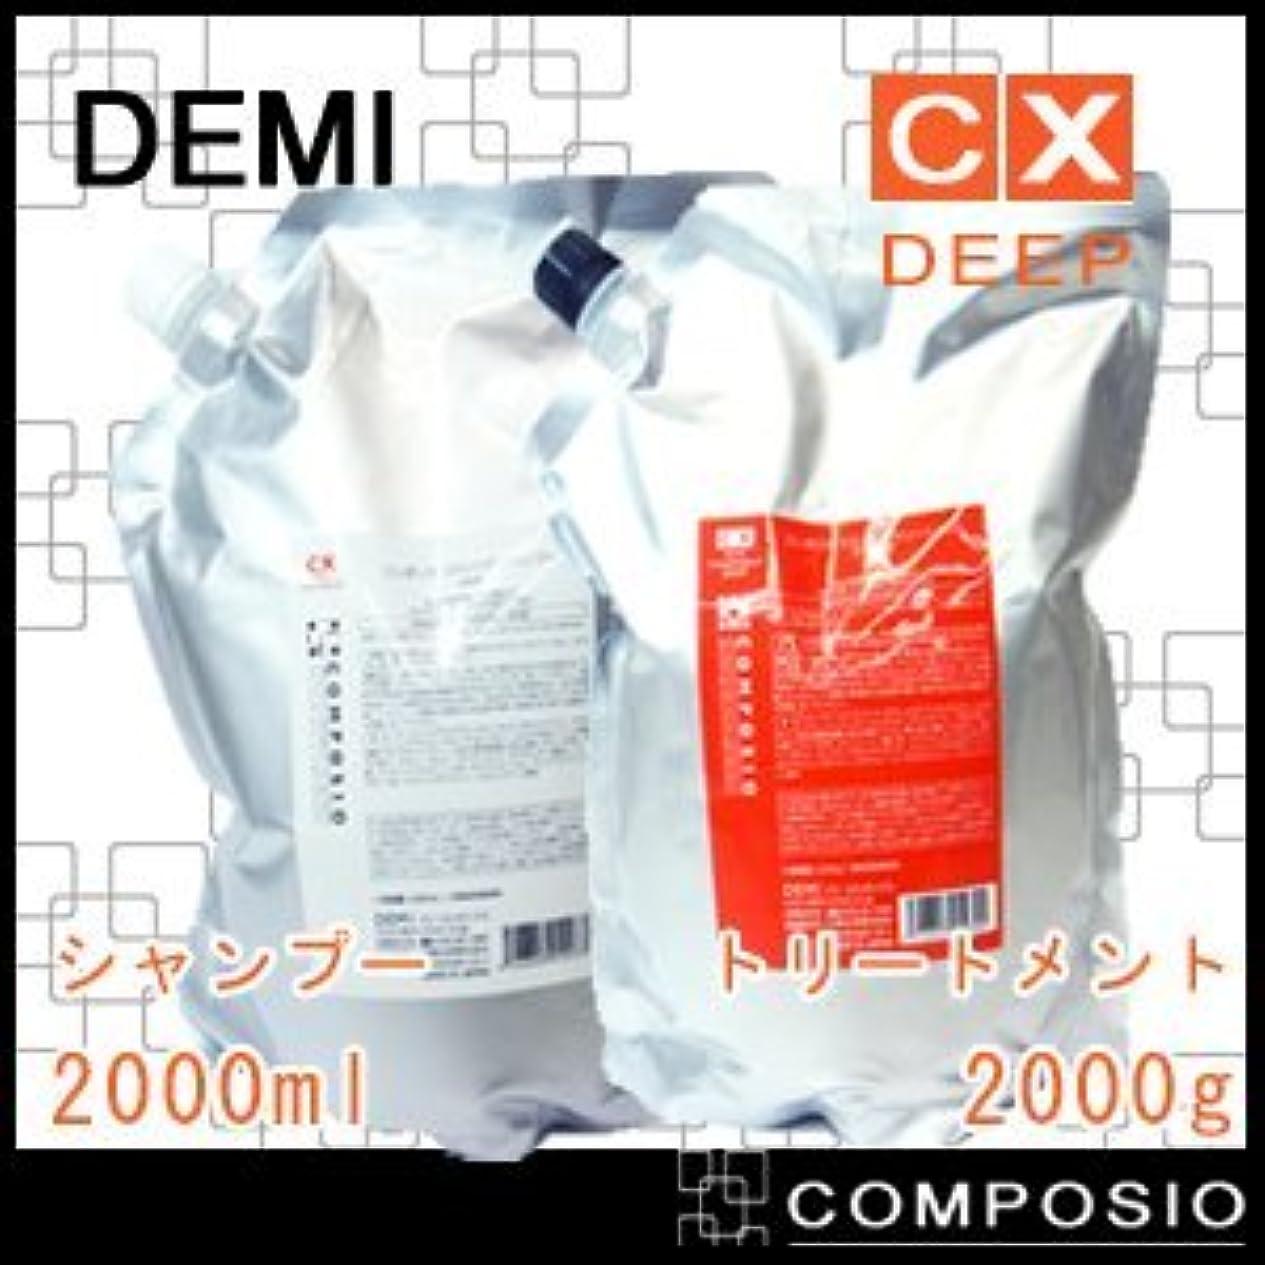 自慢符号寂しいデミ コンポジオ CXリペアシャンプー&トリートメント ディープ 詰め替え 2000ml,2000g